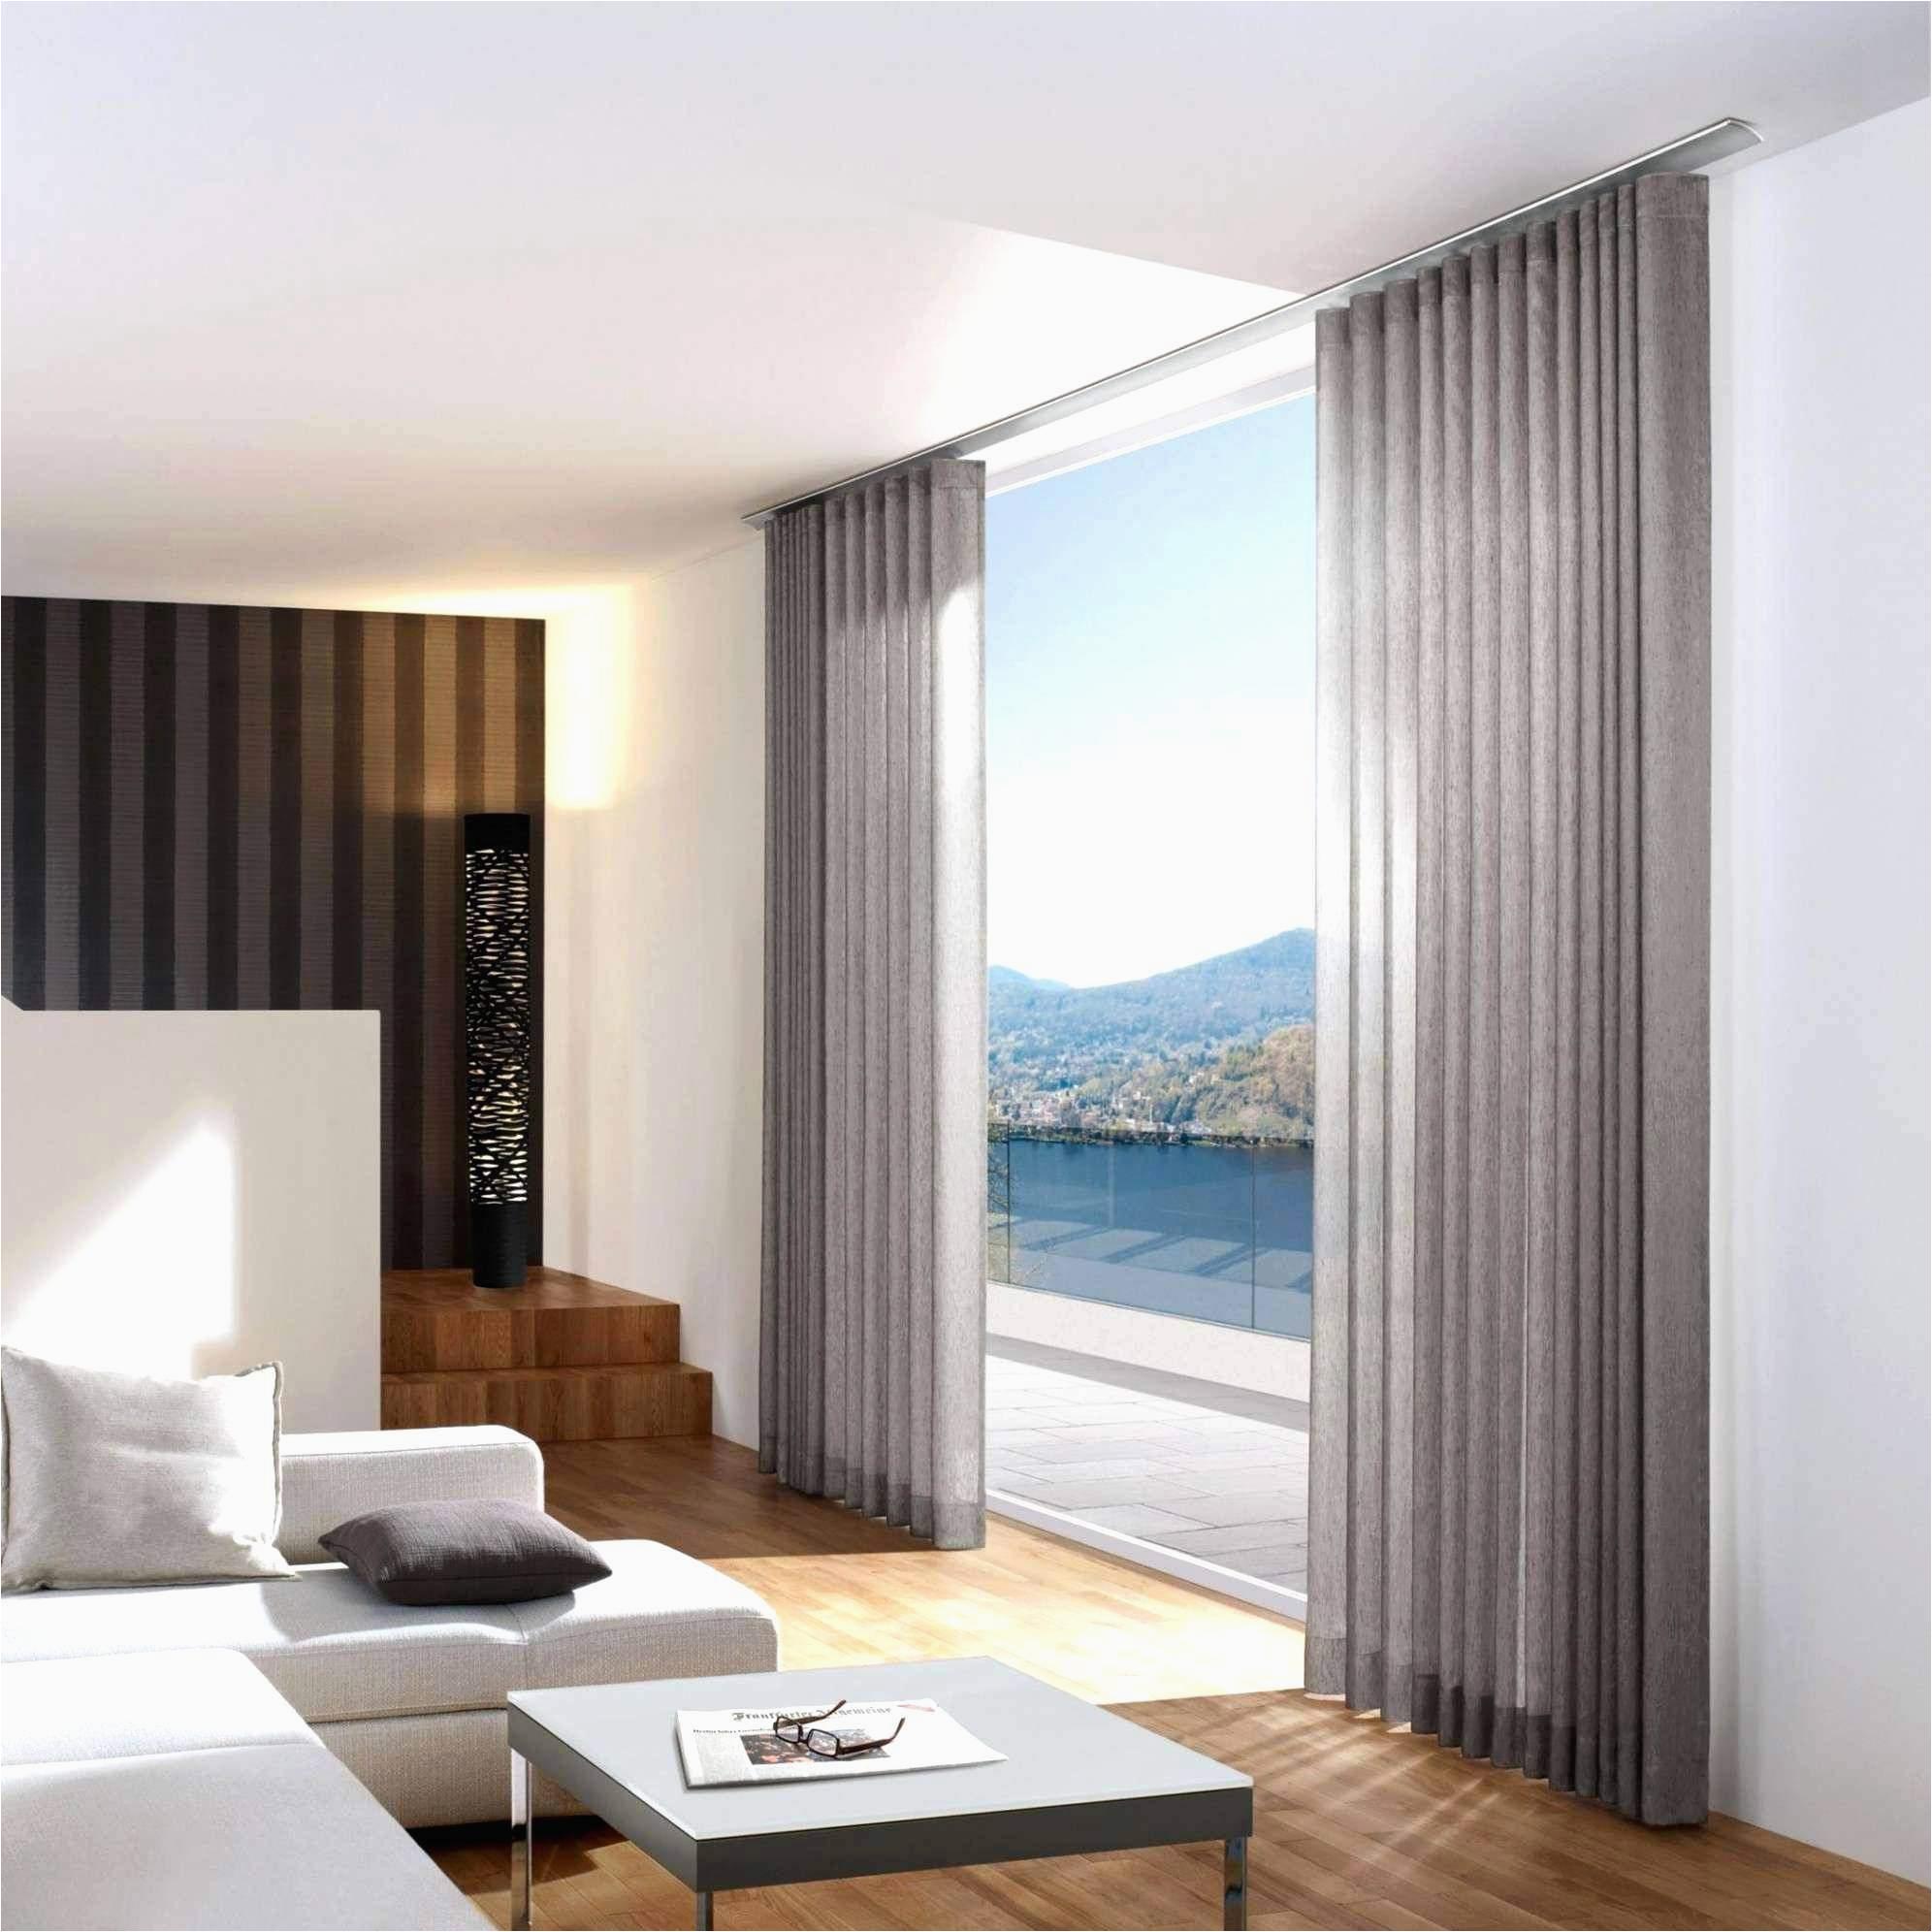 fliesen wohnzimmer ideen genial super dunkle fliesen wohnzimmer konzept of fliesen wohnzimmer ideen